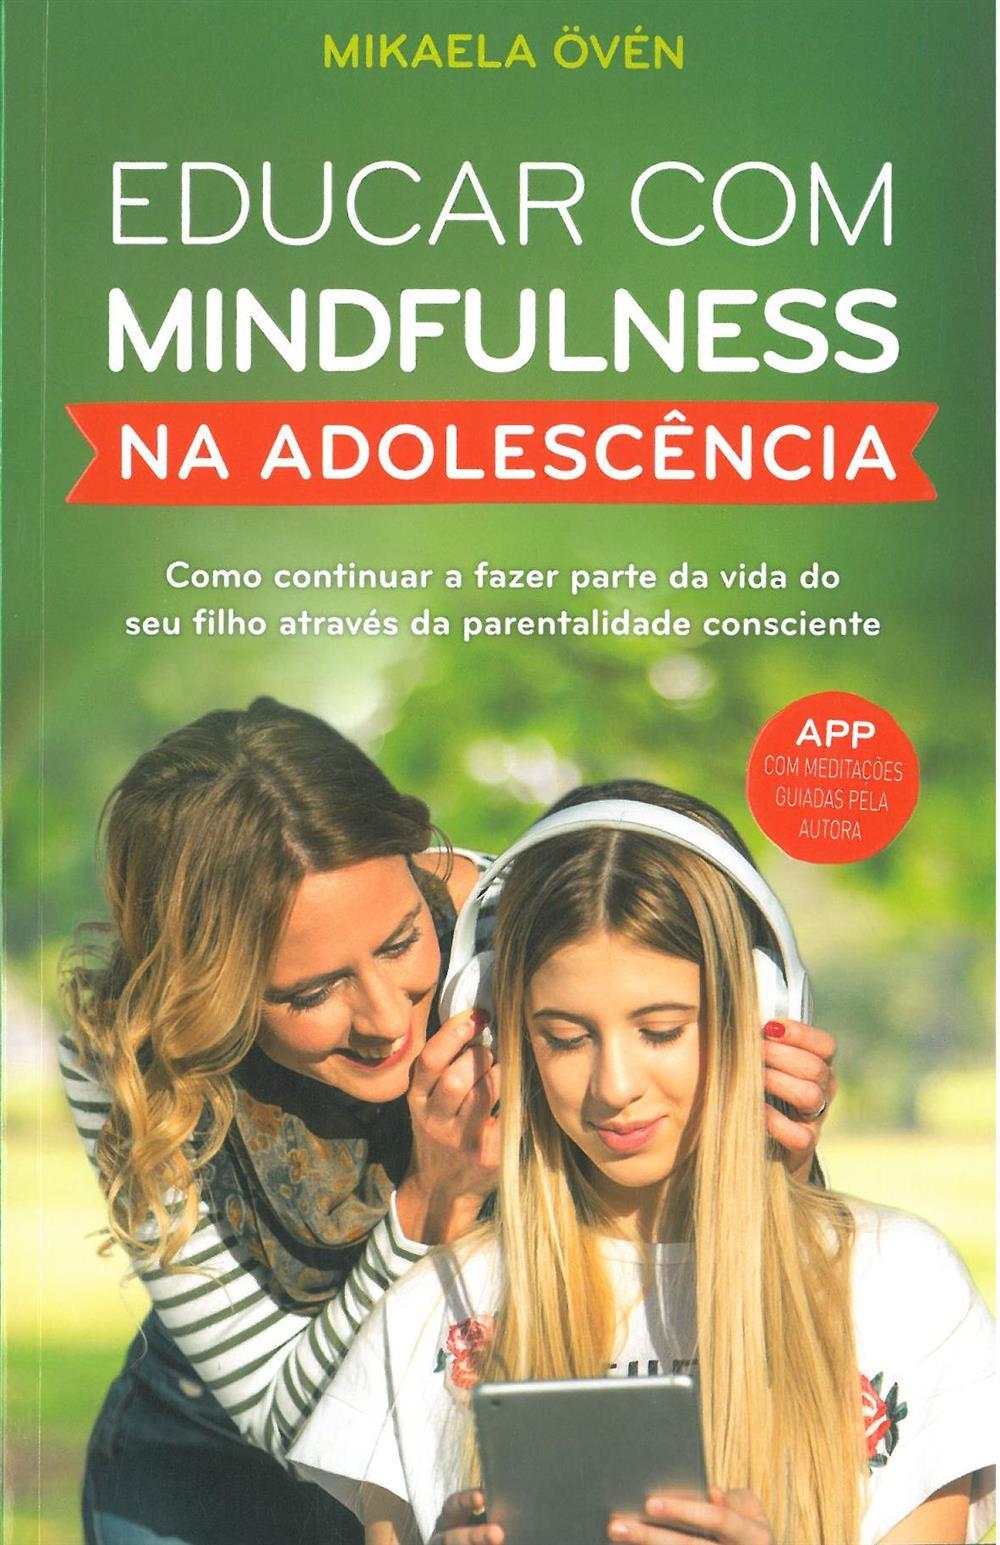 Educar com mindfulness na adolescência.jpg